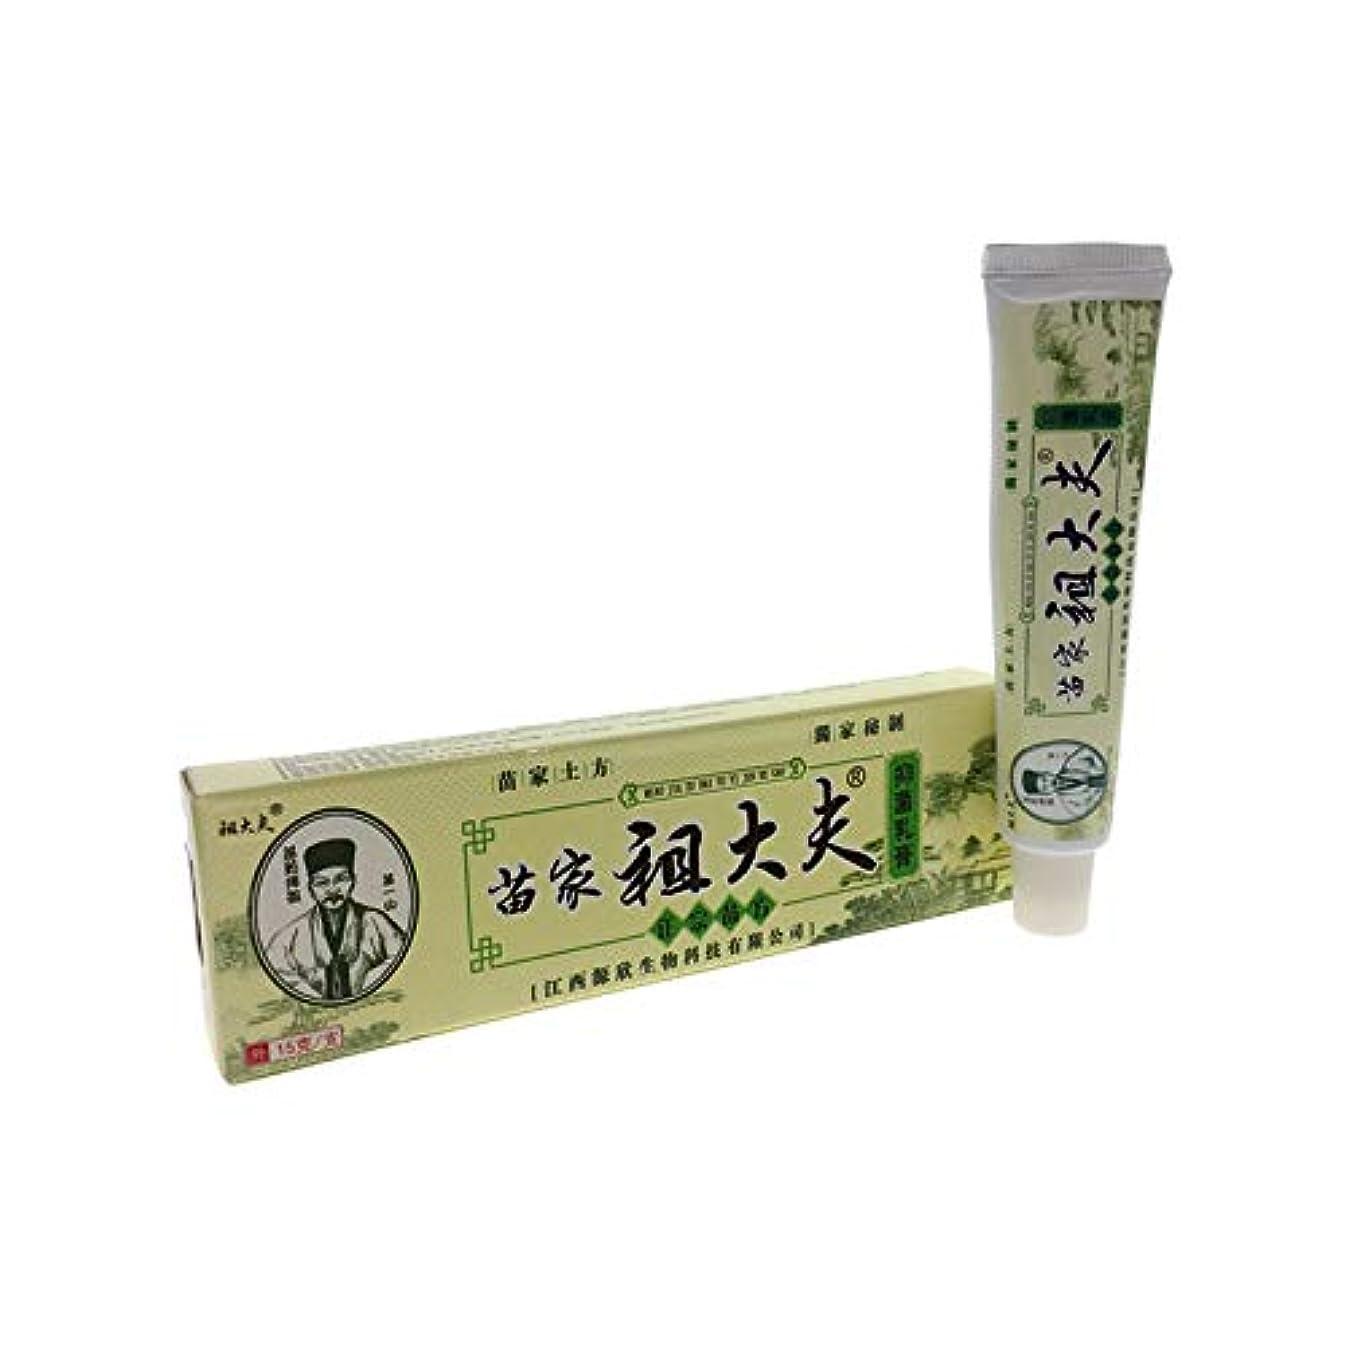 取得する単位宝石RaiFu ハーブ 乾癬湿疹 軟膏 スキン ラッシュ クリーム